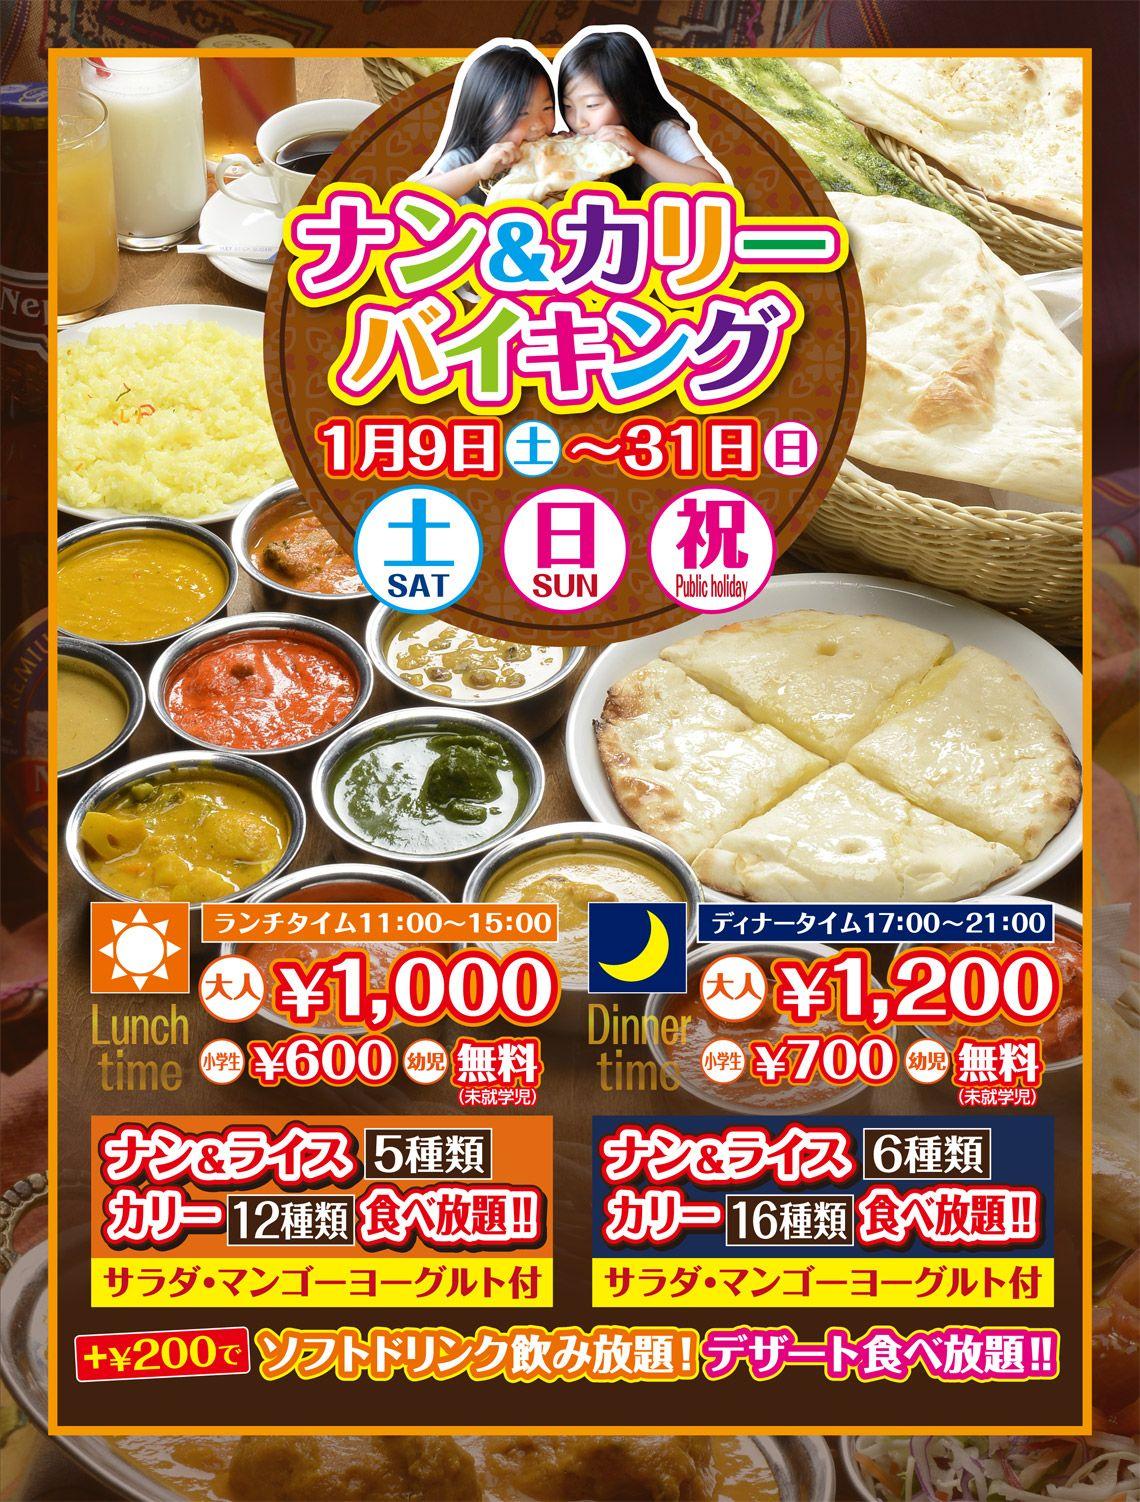 ナン&カリーバイキング 1月9日(土)〜31日(日)まで!